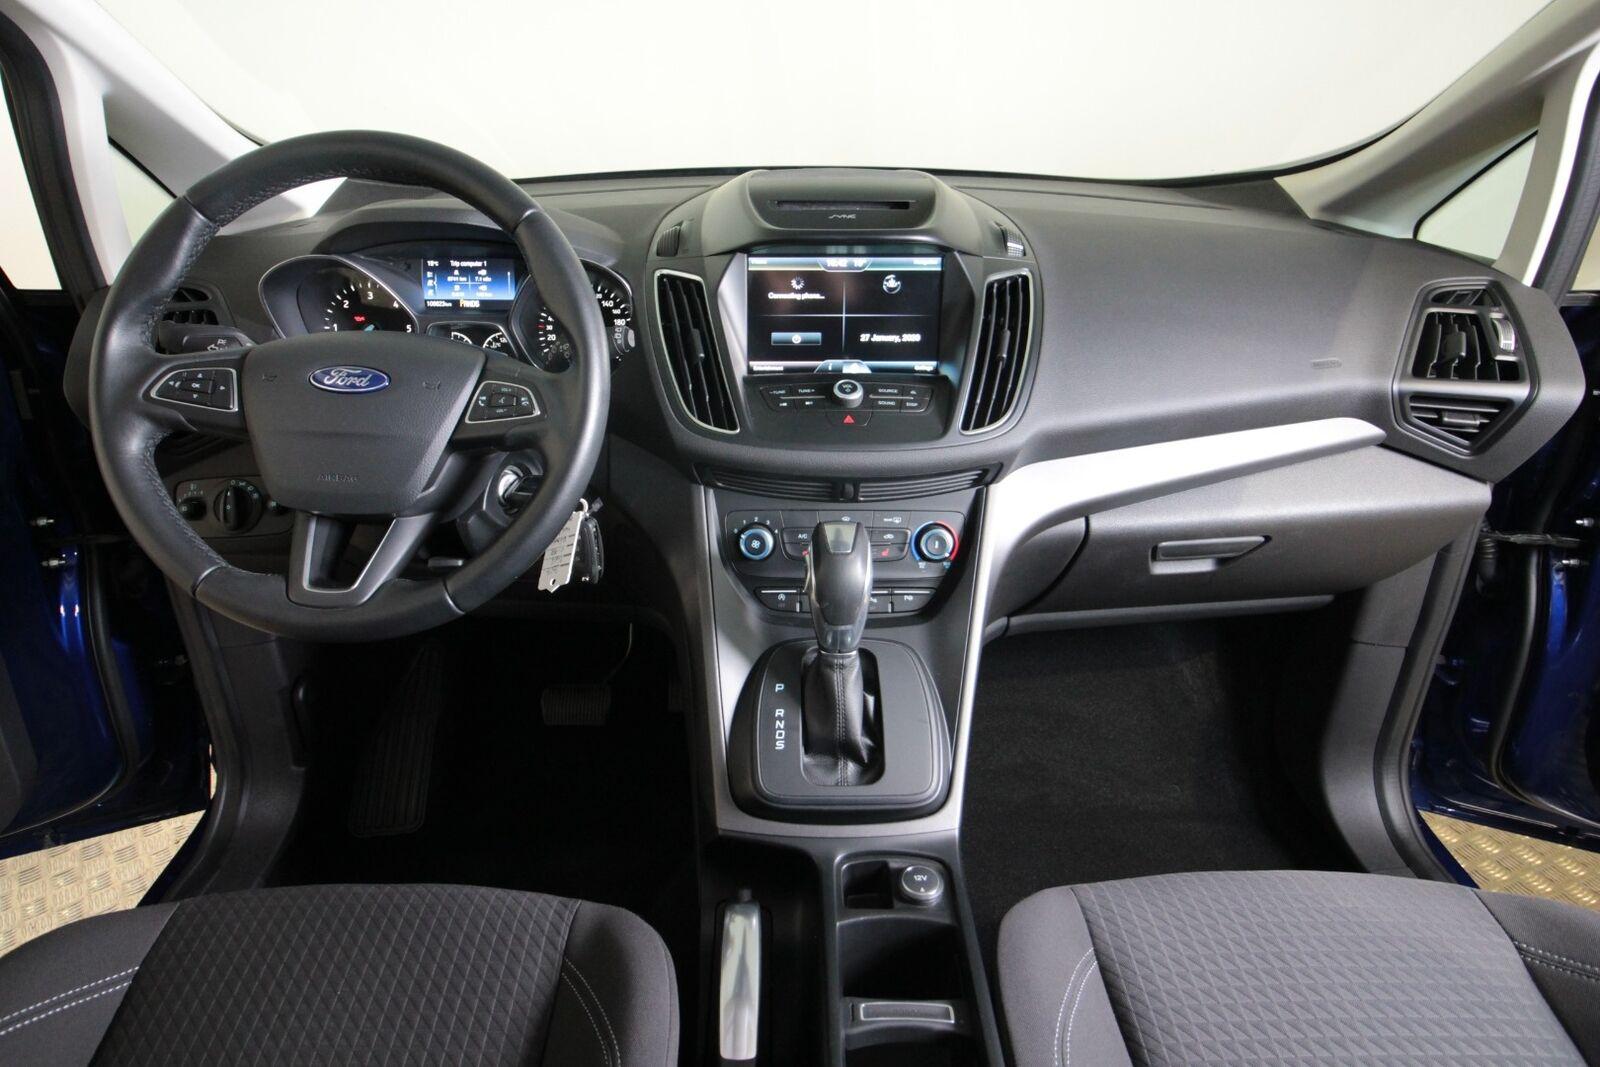 Ford C-MAX TDCi 150 Trend aut.